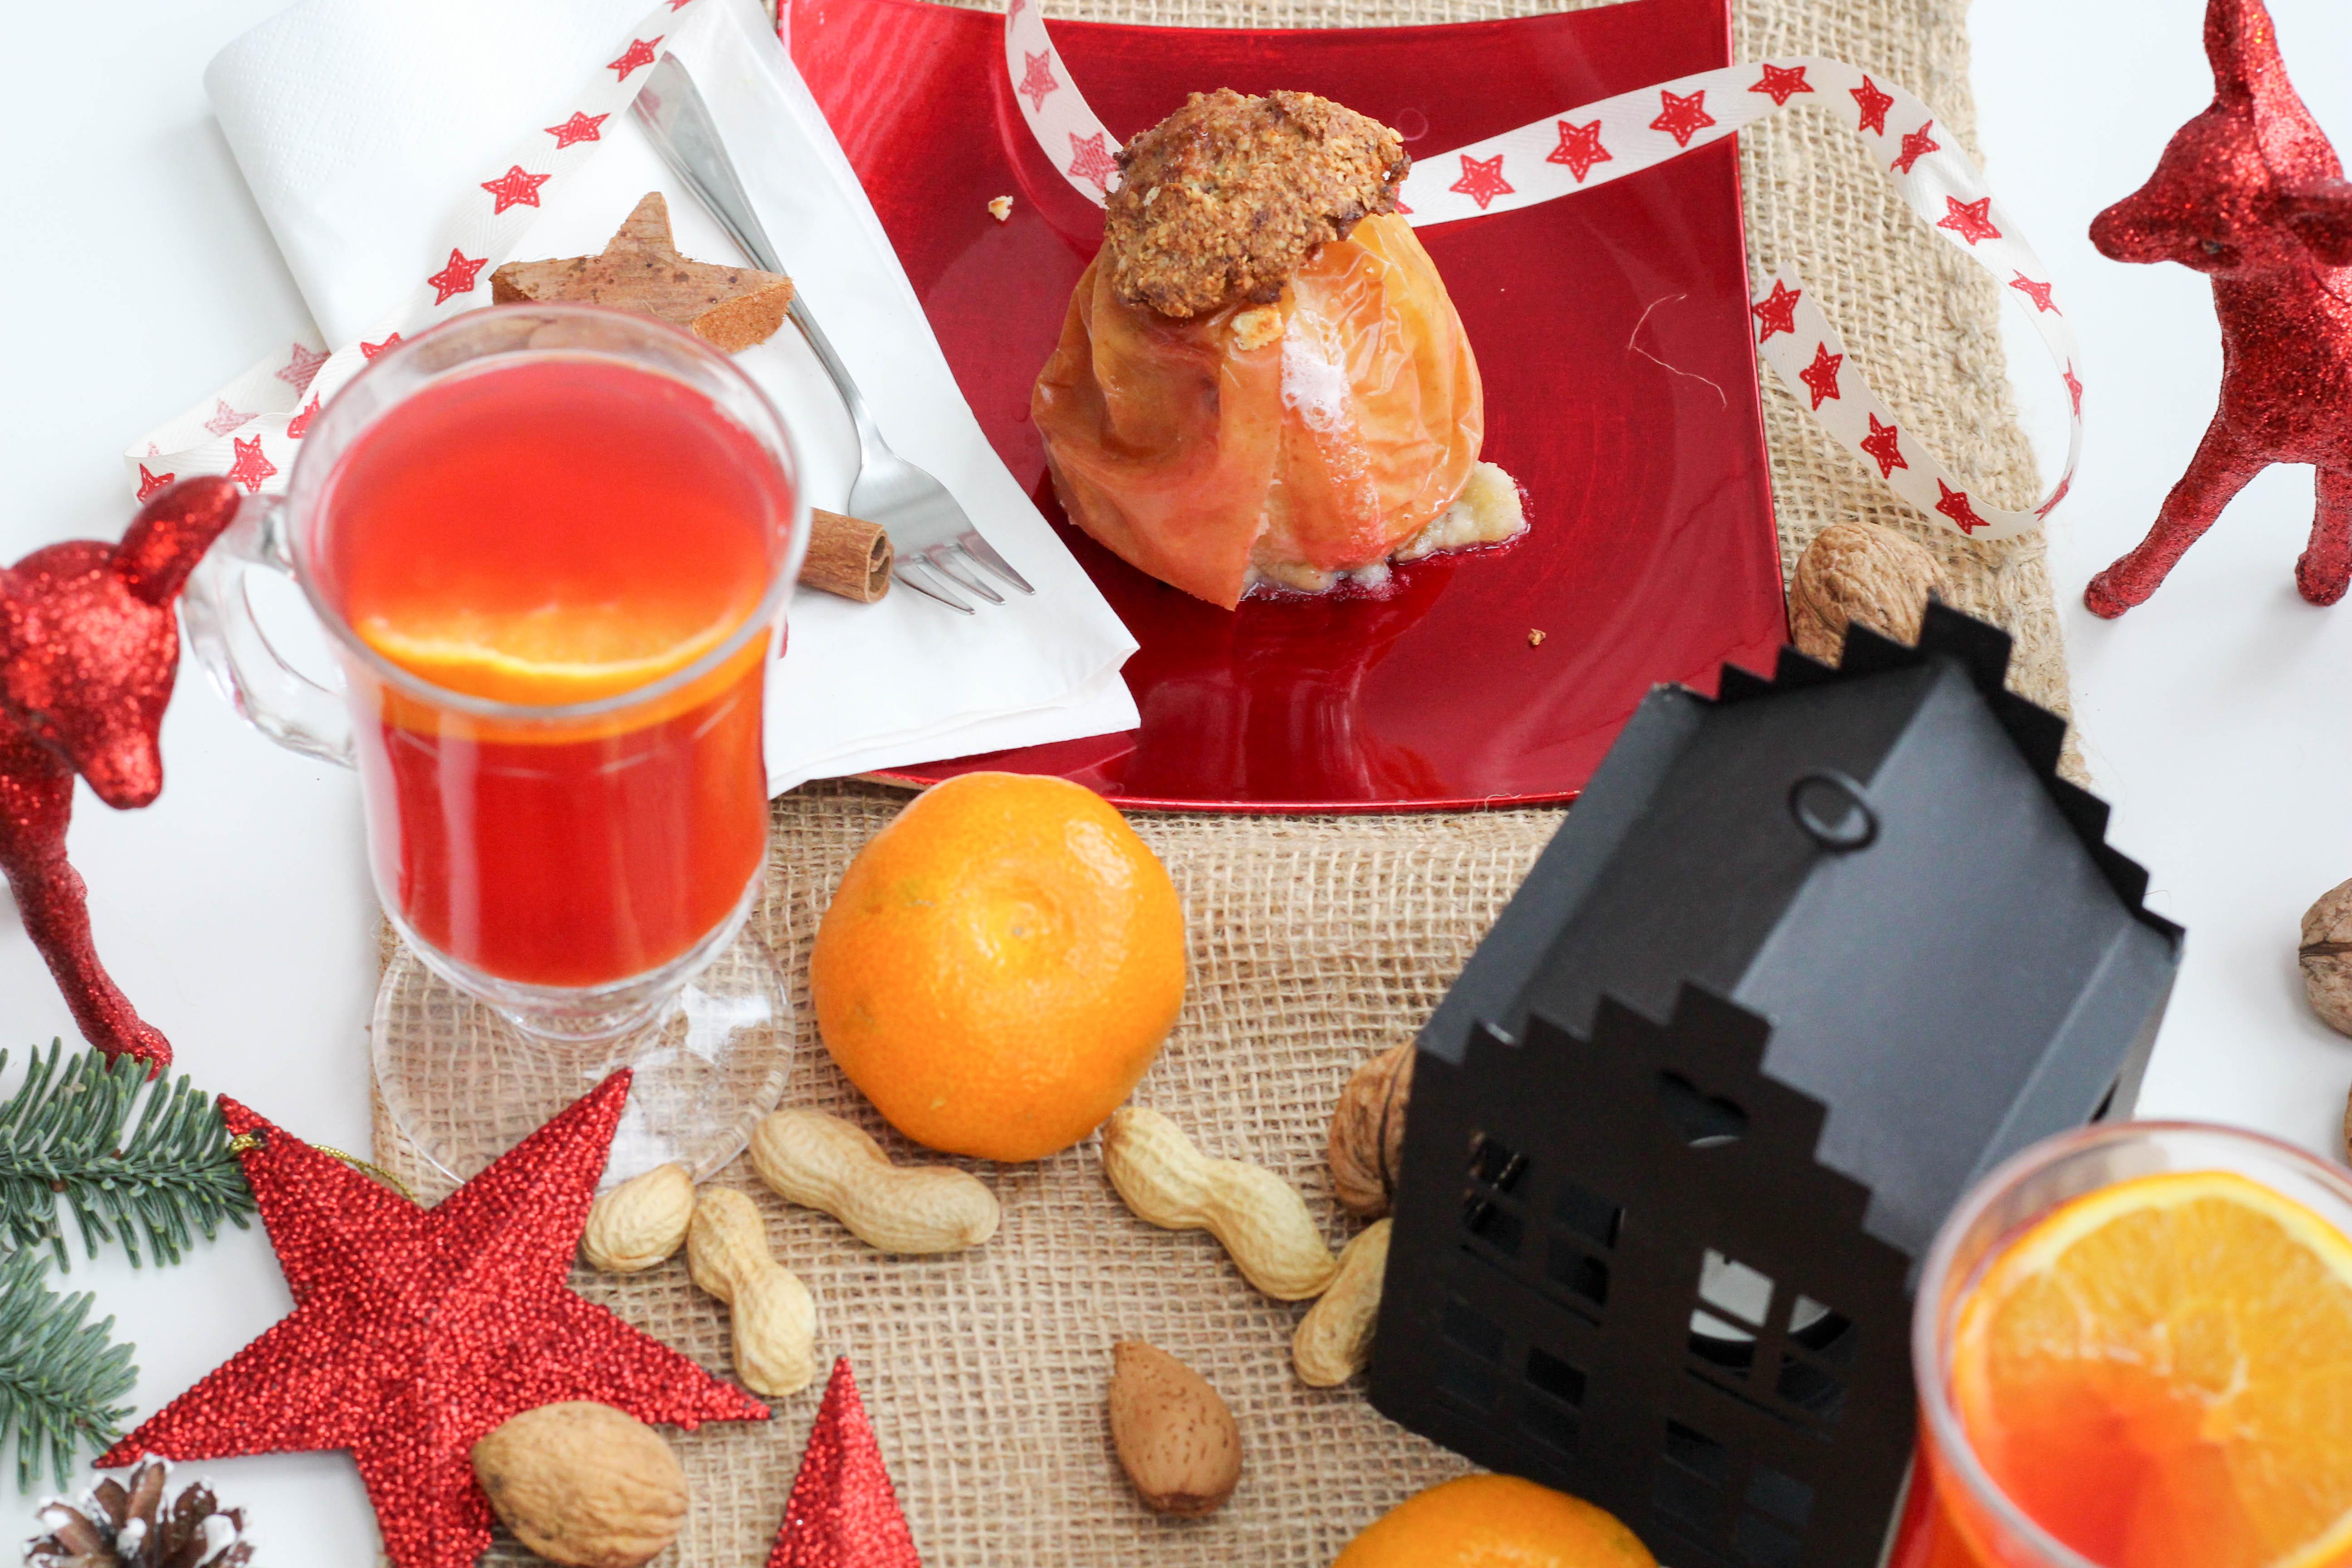 vegan-nikolaus-krampus-weihnachten-bratapfel-germteig-perchten-nuesse-christmas-soulfood-homespa-plantbased-10-von-35